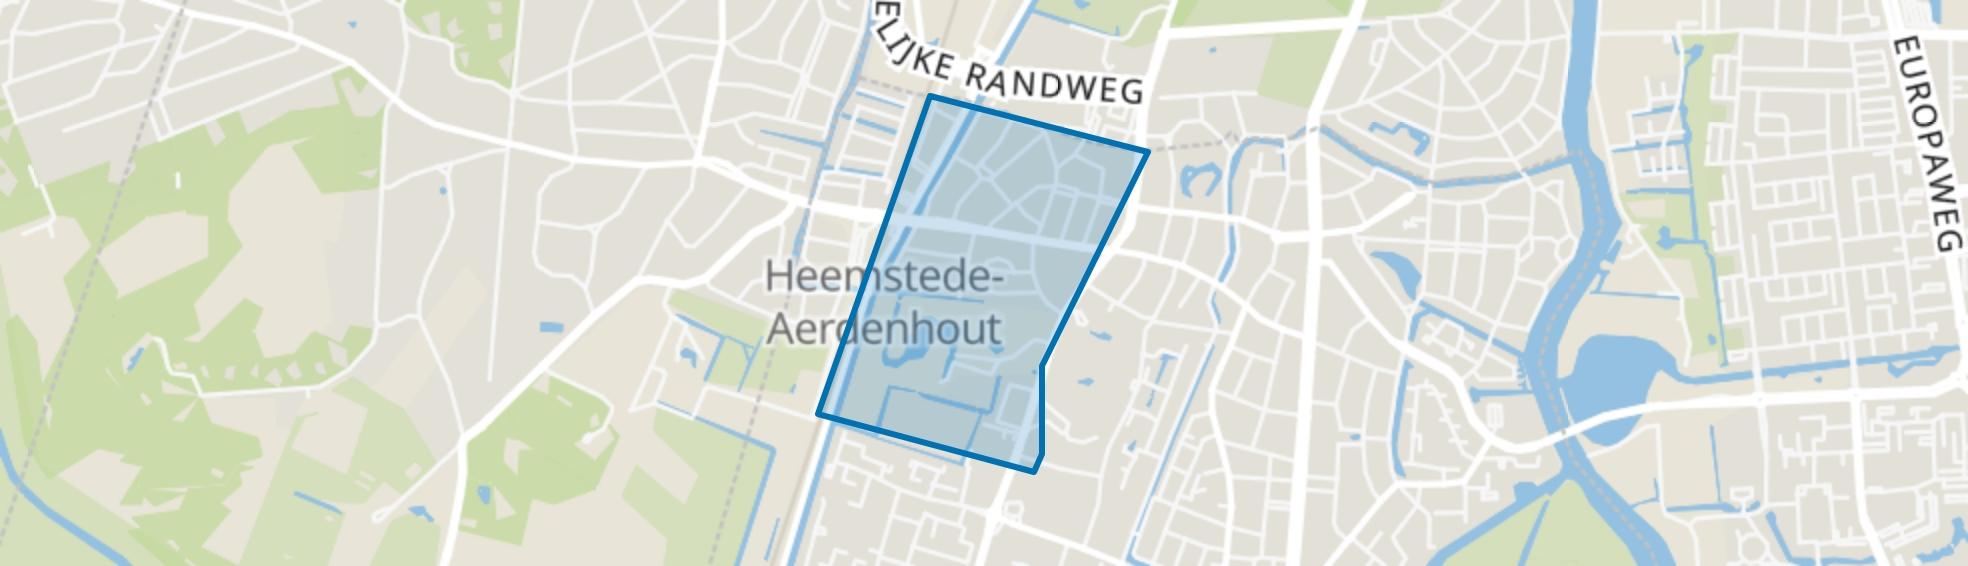 Zandvoortselaan en Berkenrode en omgeving, Heemstede map